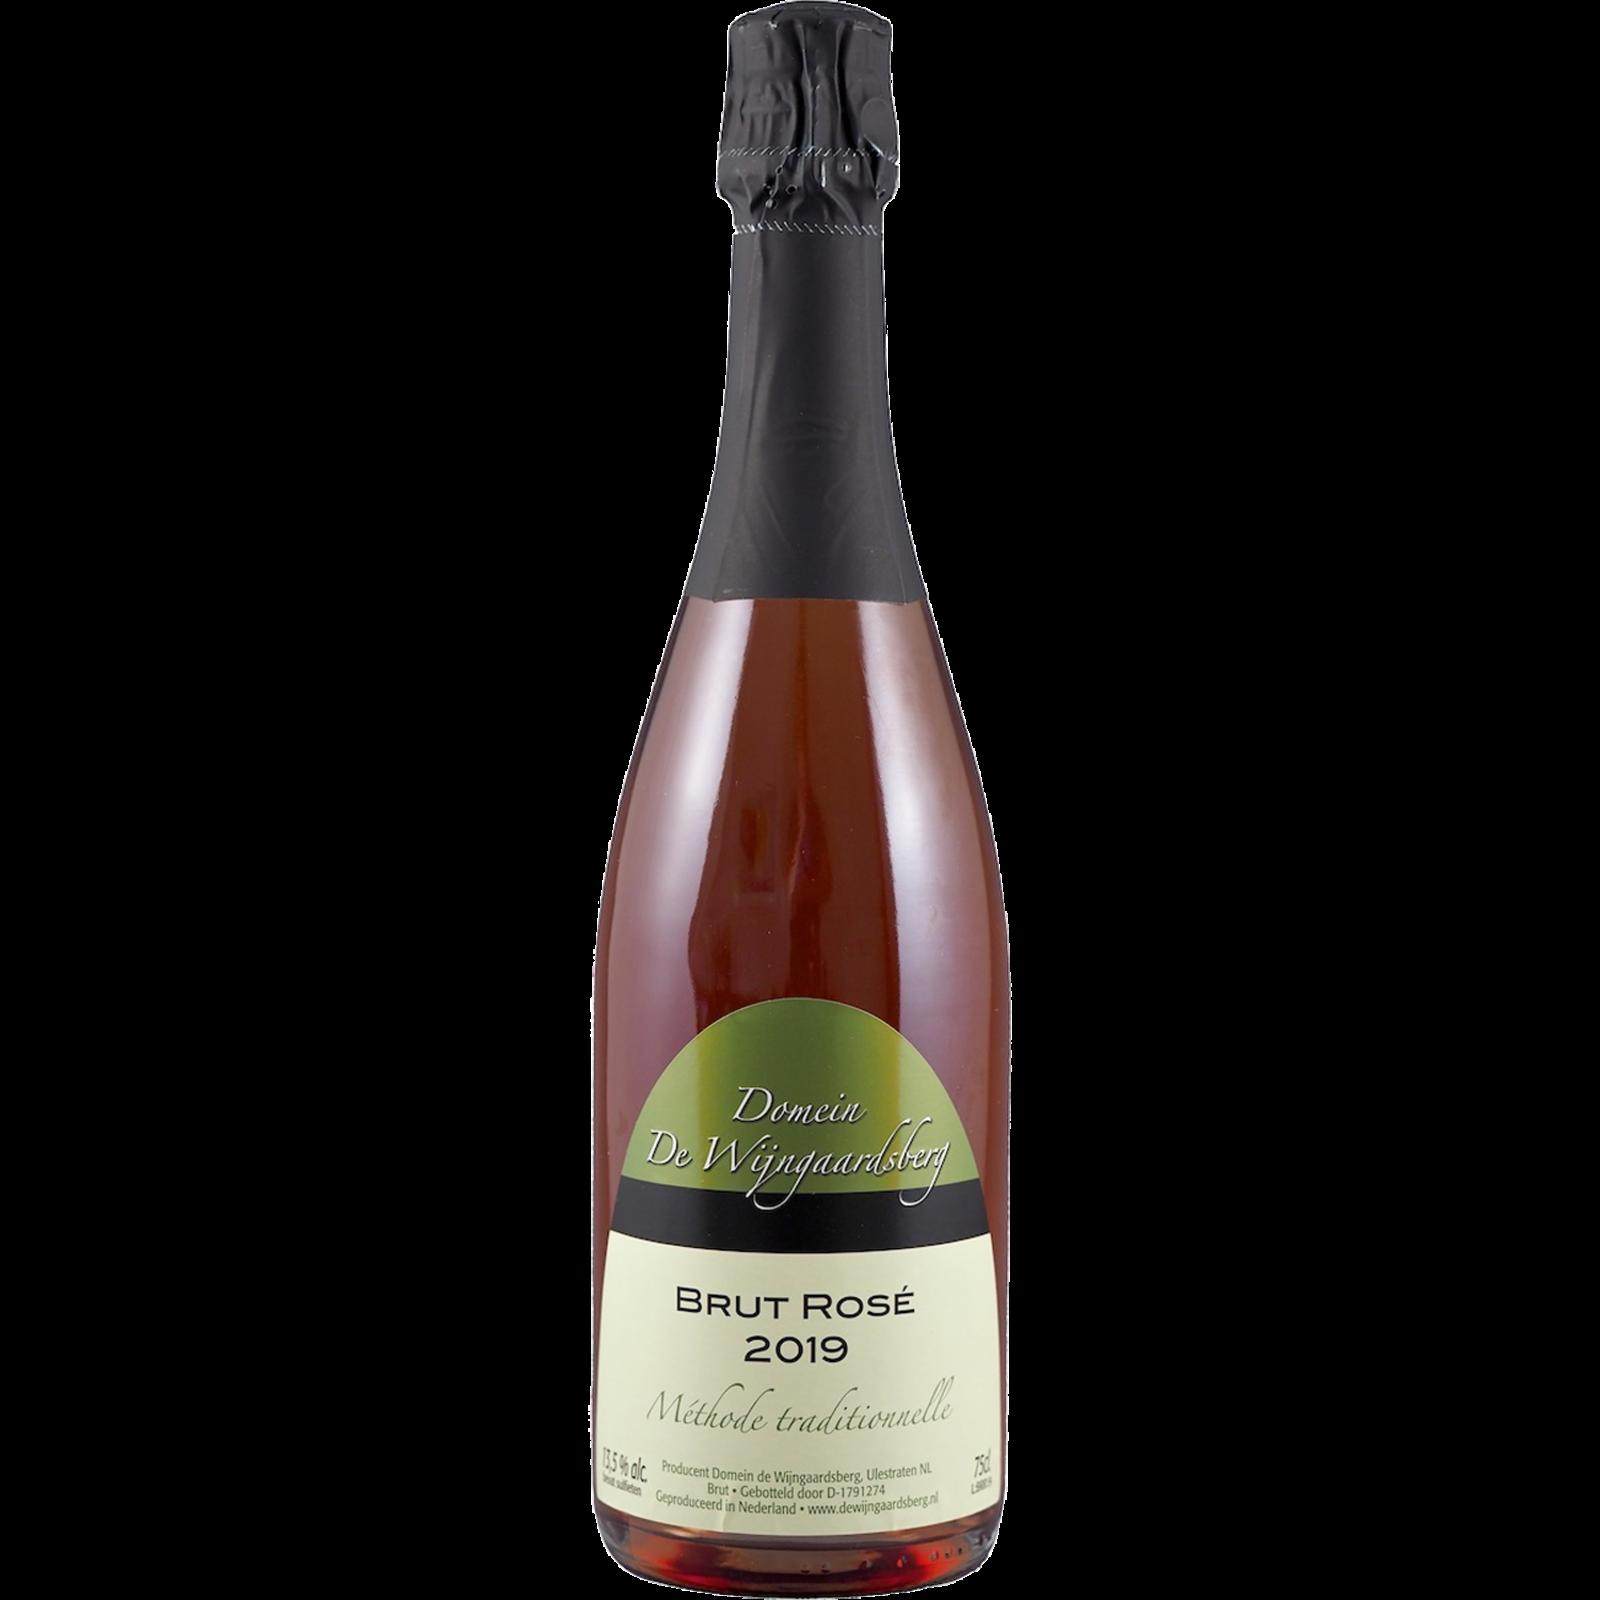 De Wijngaardsberg Brut Rosé 2019 De Wijngaardsberg